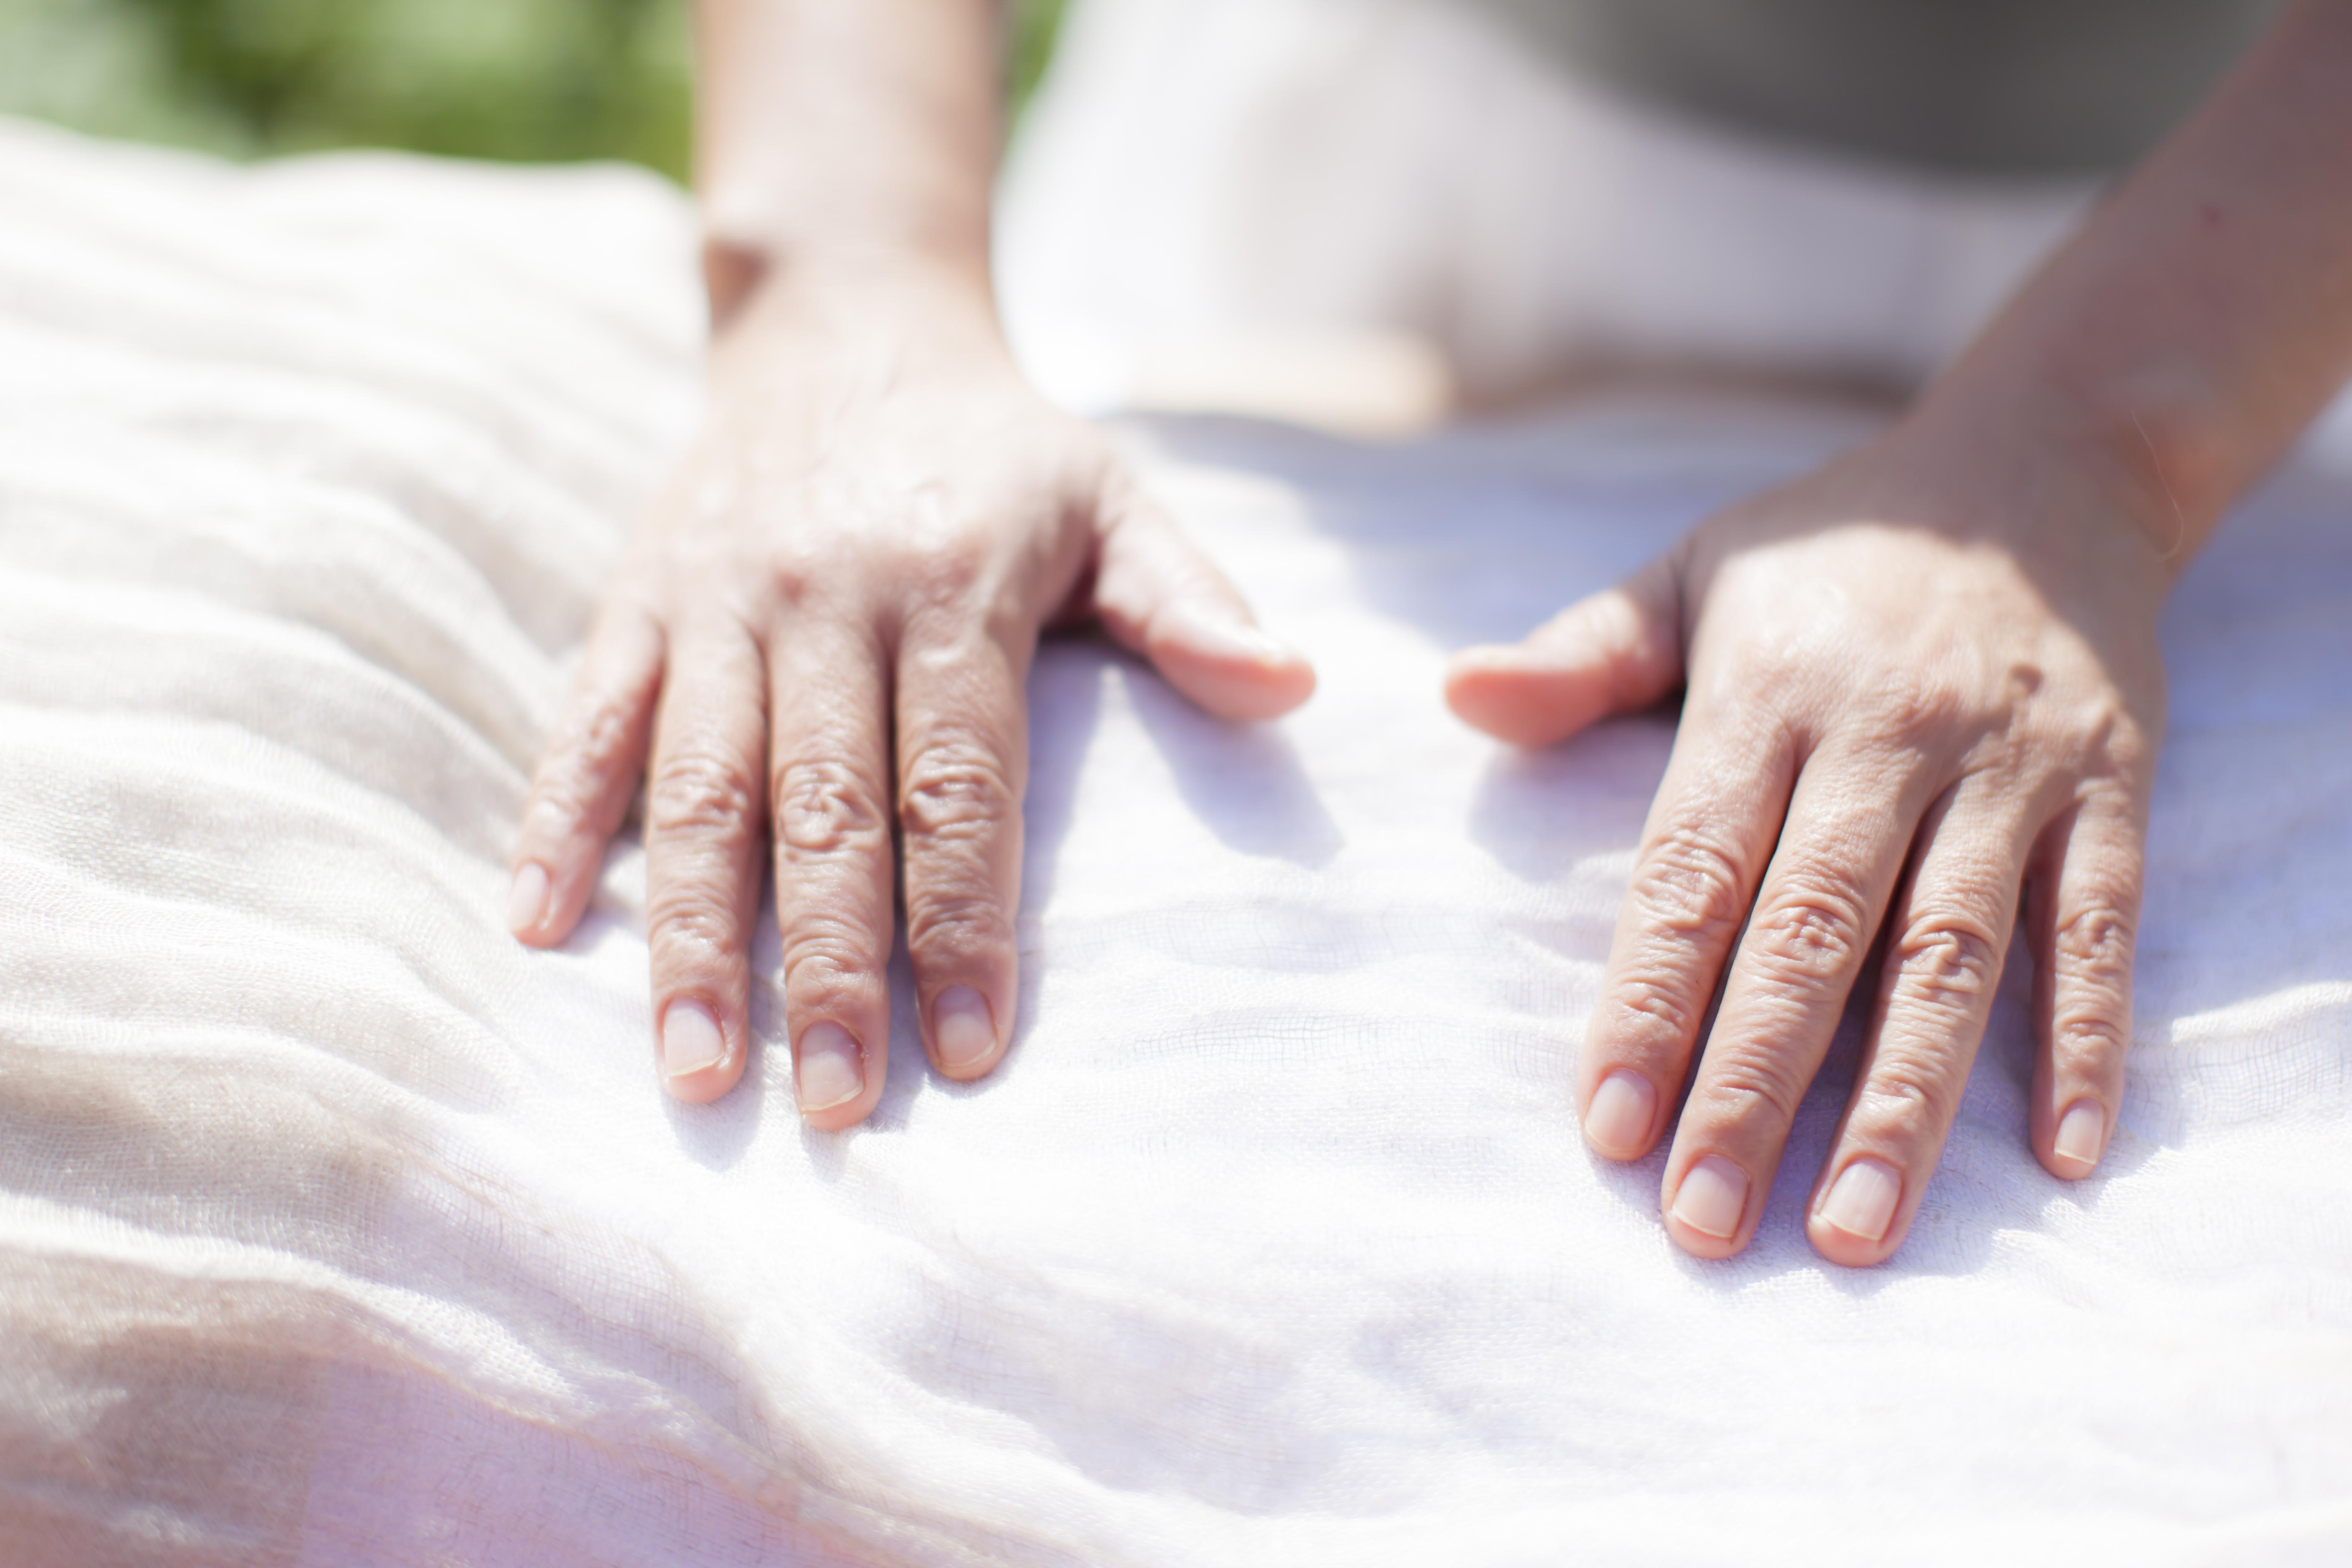 ただ触れる ゆったりセラピー エサレンアプローチ エサレンボディワーク エサレンマッサージ 心で触れるボディワーク